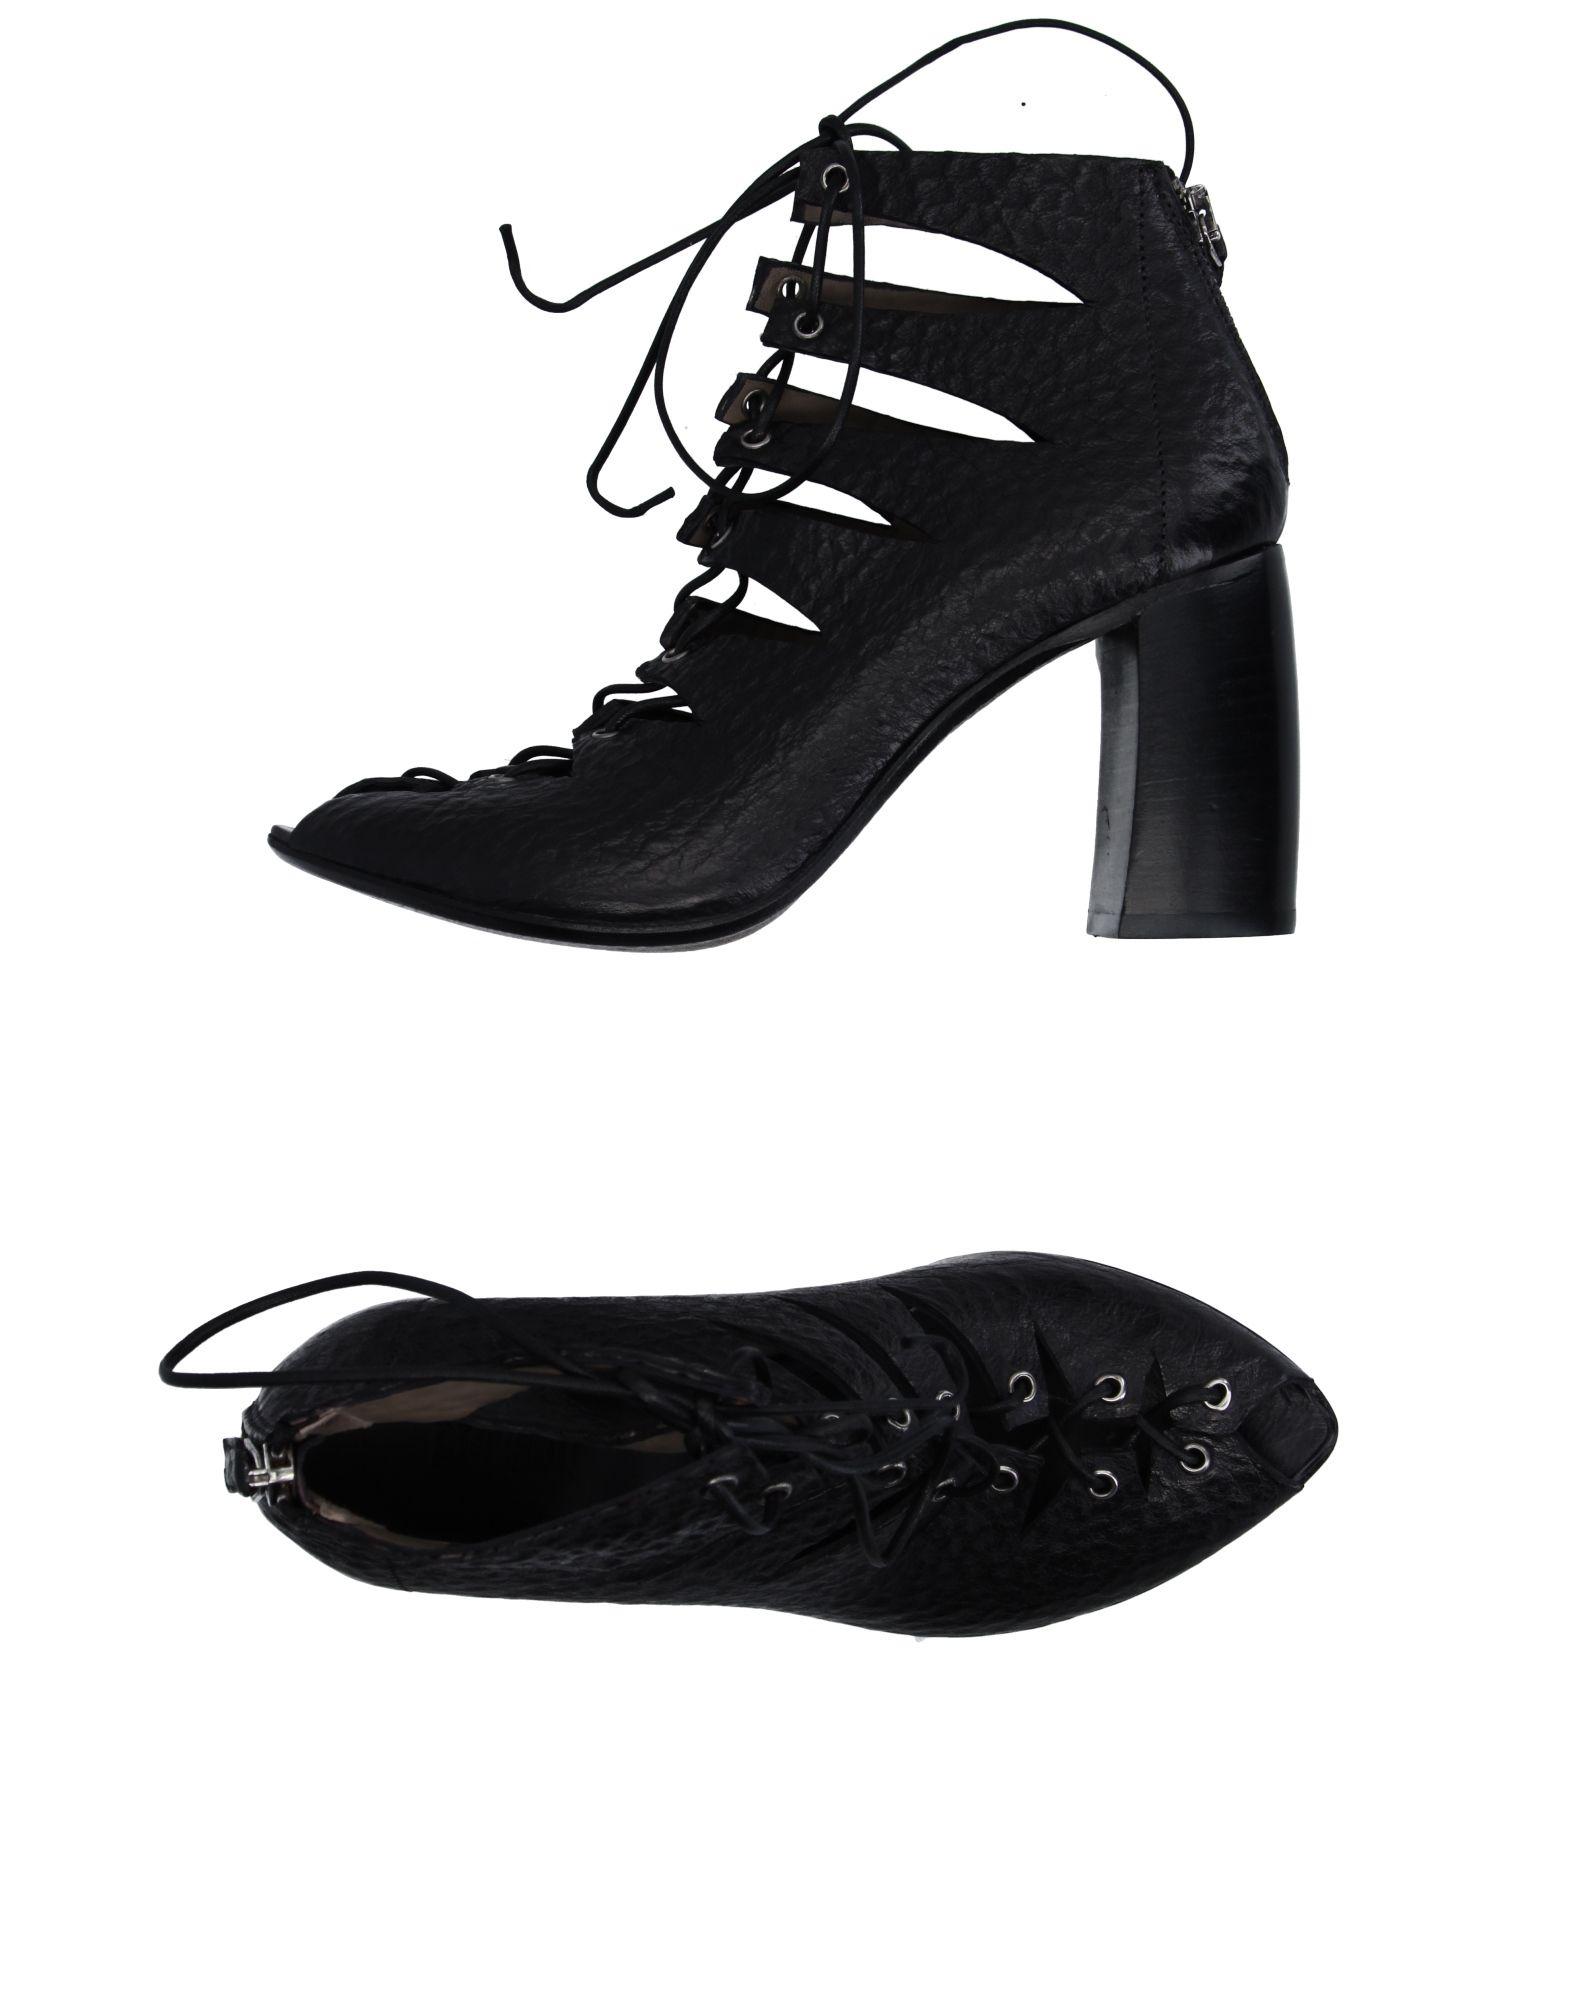 Preventi Sandalen Damen  11158901OHGut aussehende strapazierfähige Schuhe